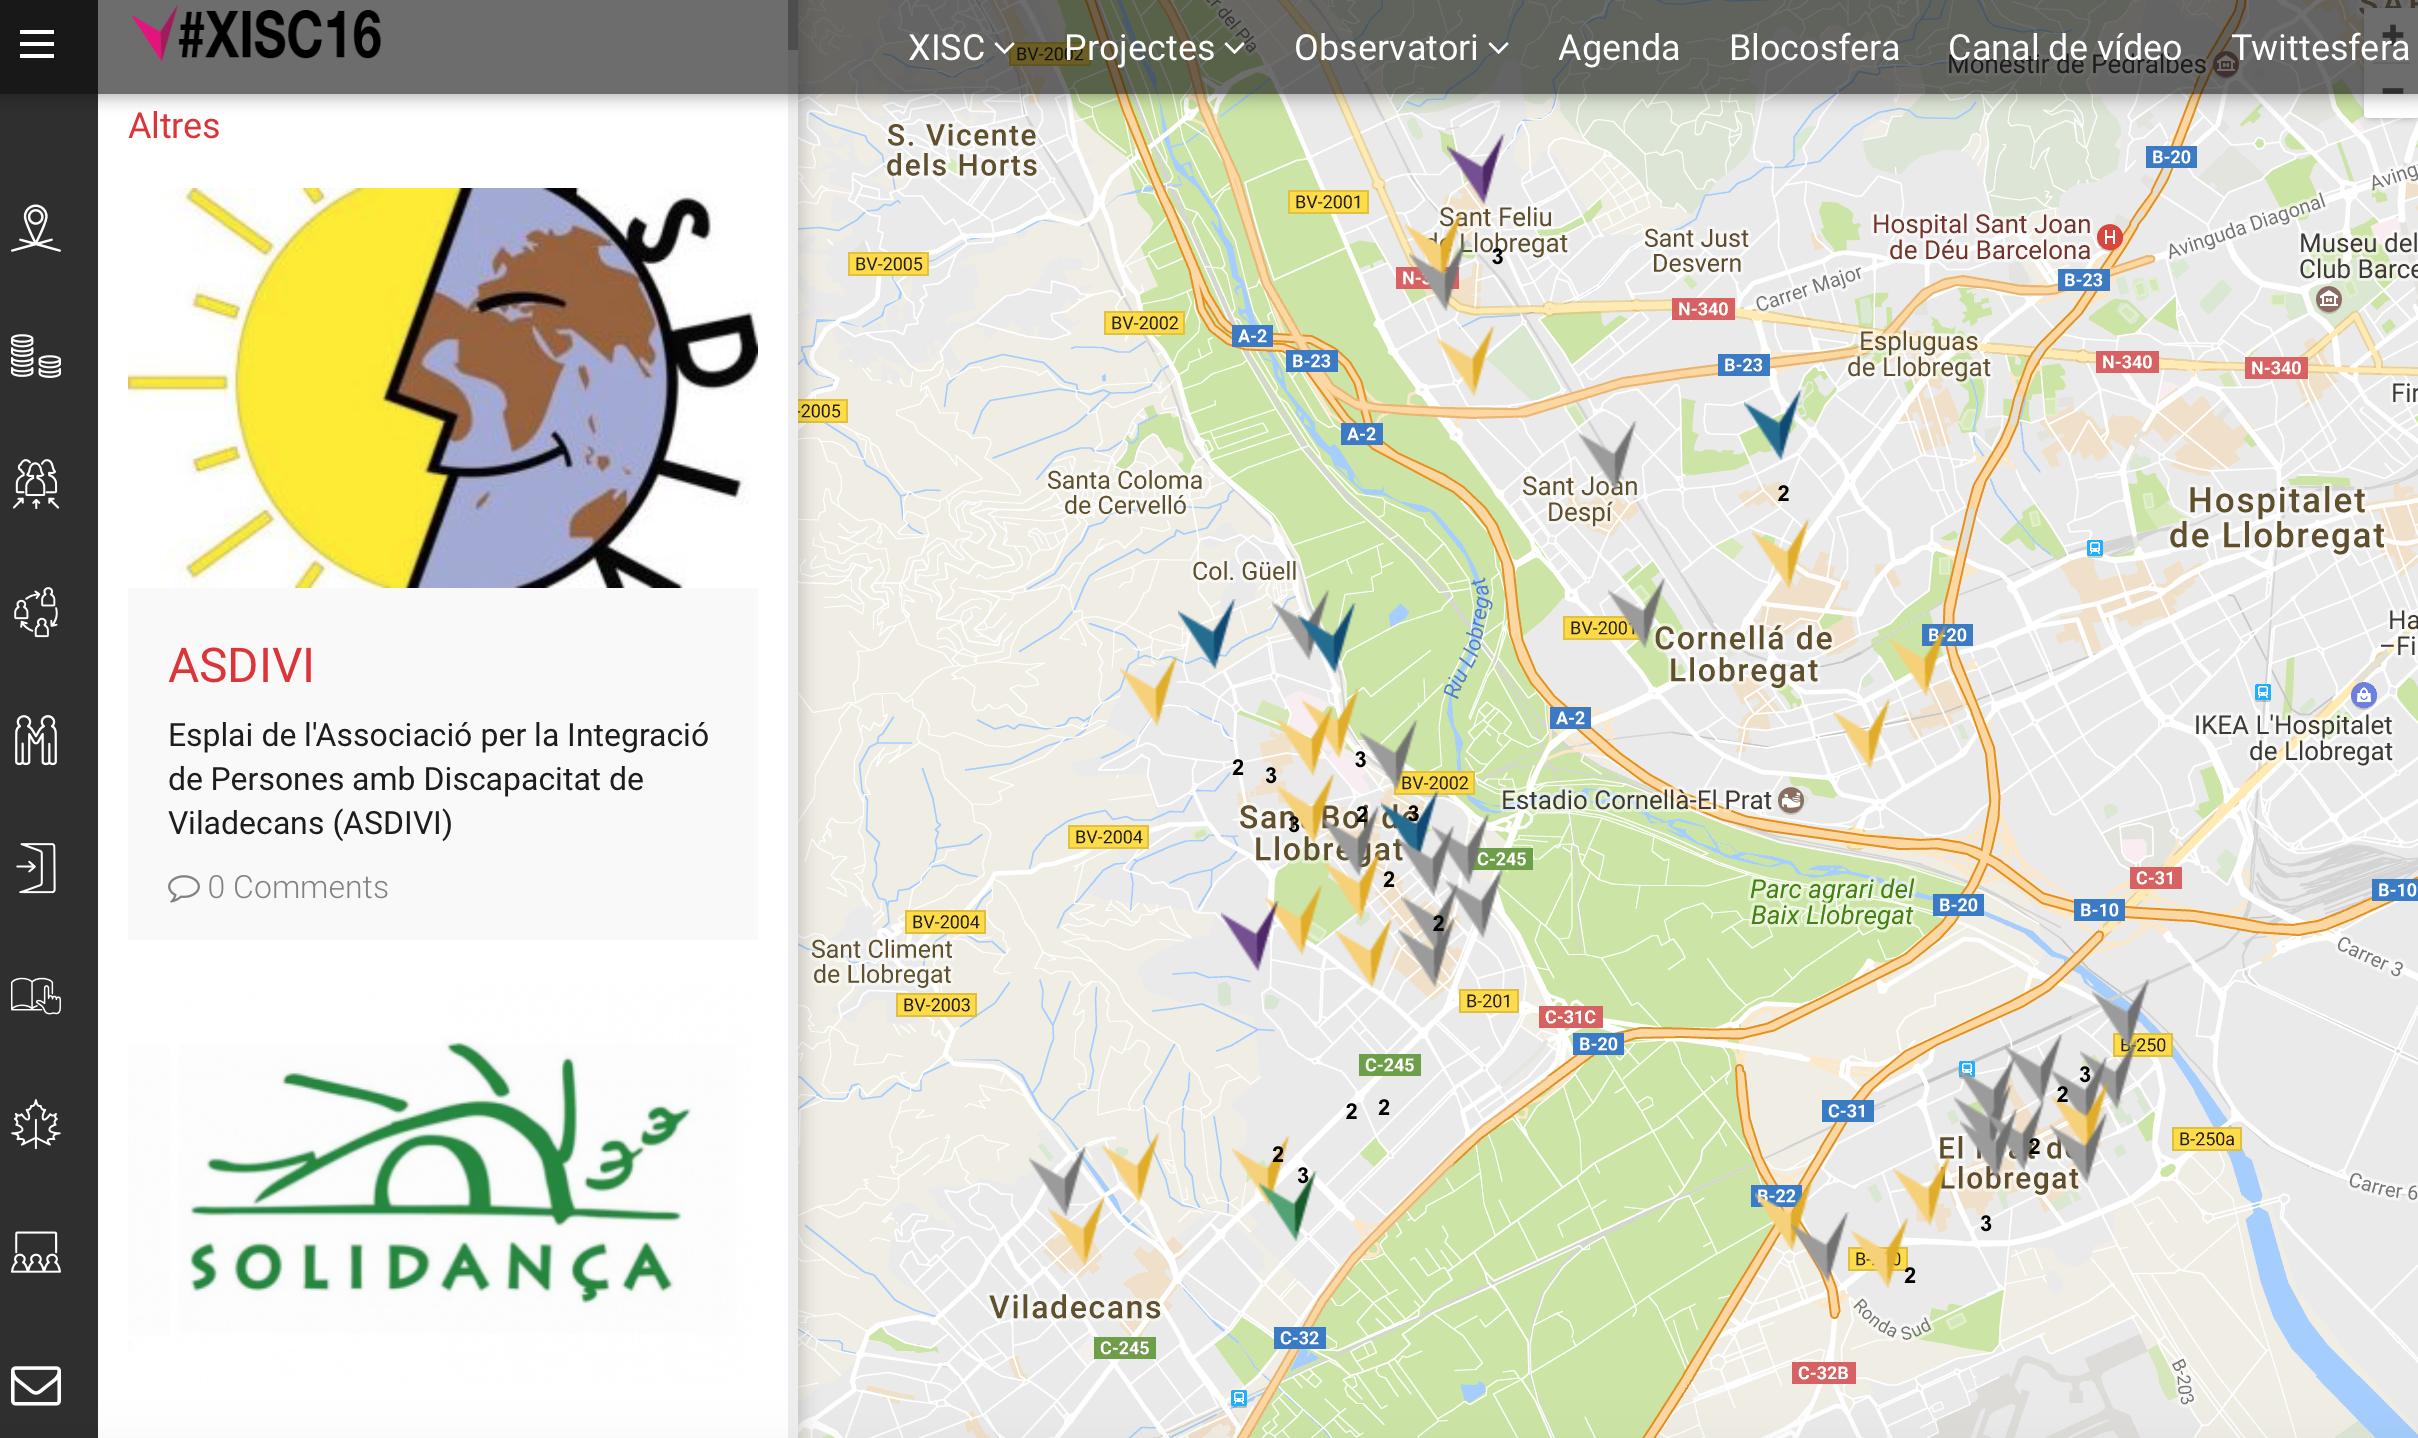 Captura Del Mapa D'agents D'innovació Elaborat Amb La XISC